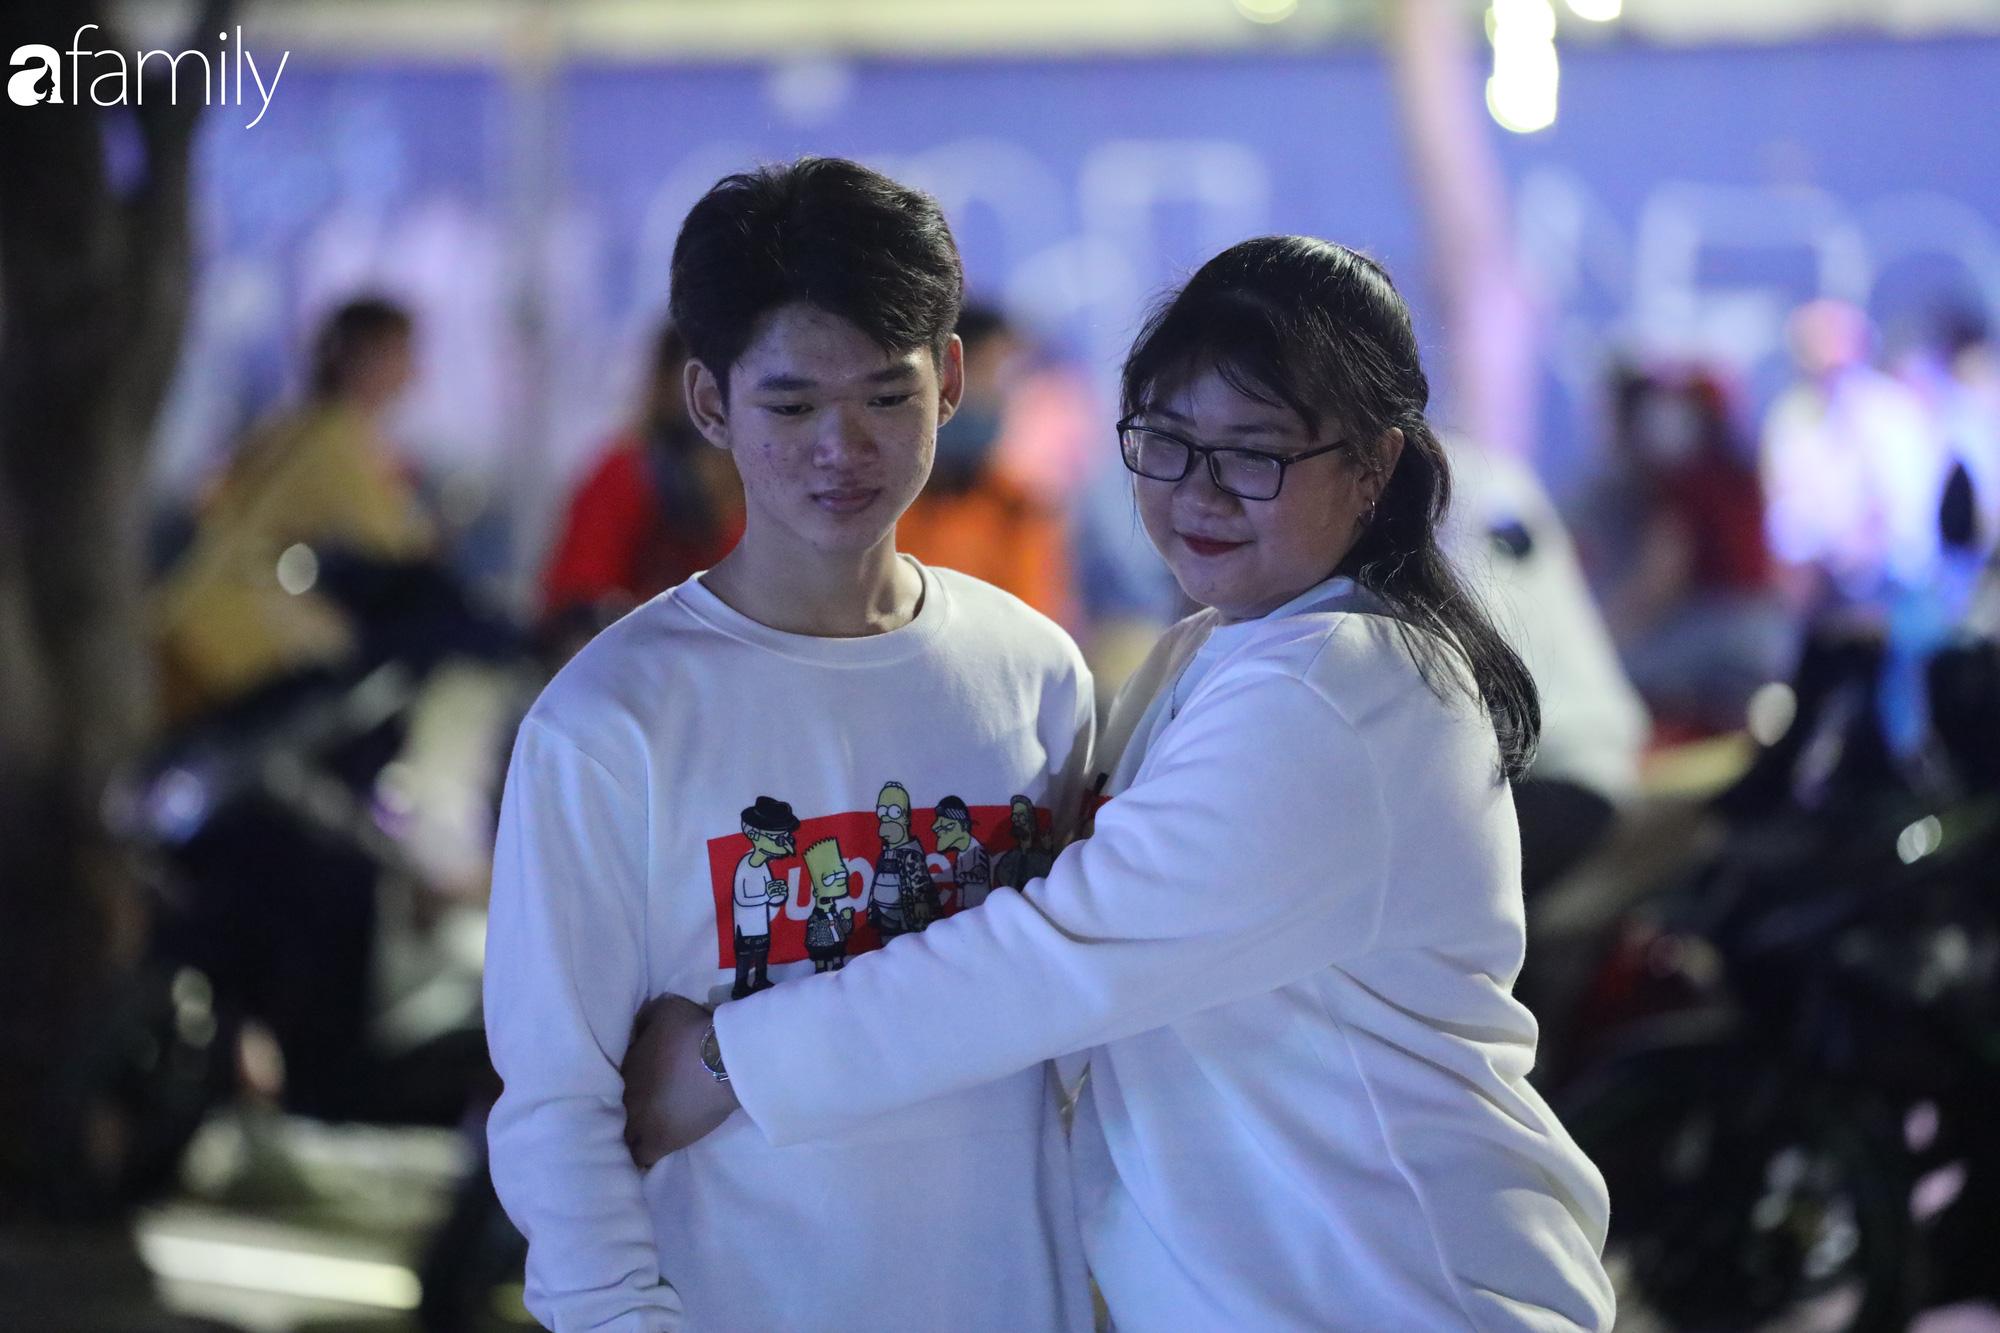 Valentine Hà Nội - Sài Gòn vắng vẻ đìu hiu vì dịch Corona, từ trung tâm thương mại đến phố phường đều ít bóng tình nhân đi chơi - Ảnh 13.